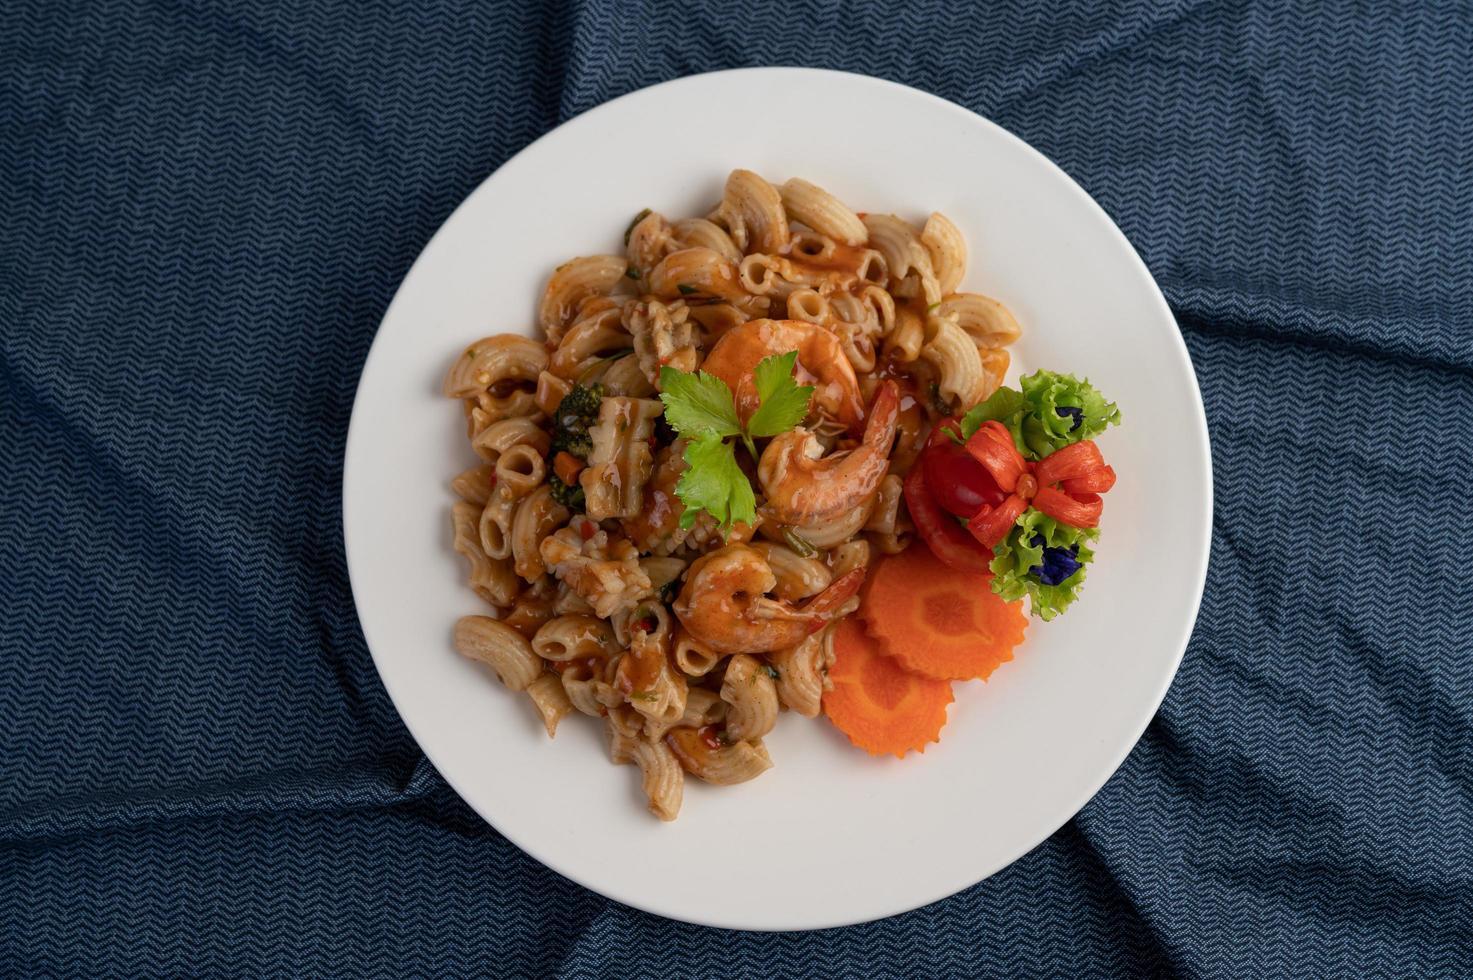 garnalen en macaroni met wortelen, tomaten en salade foto